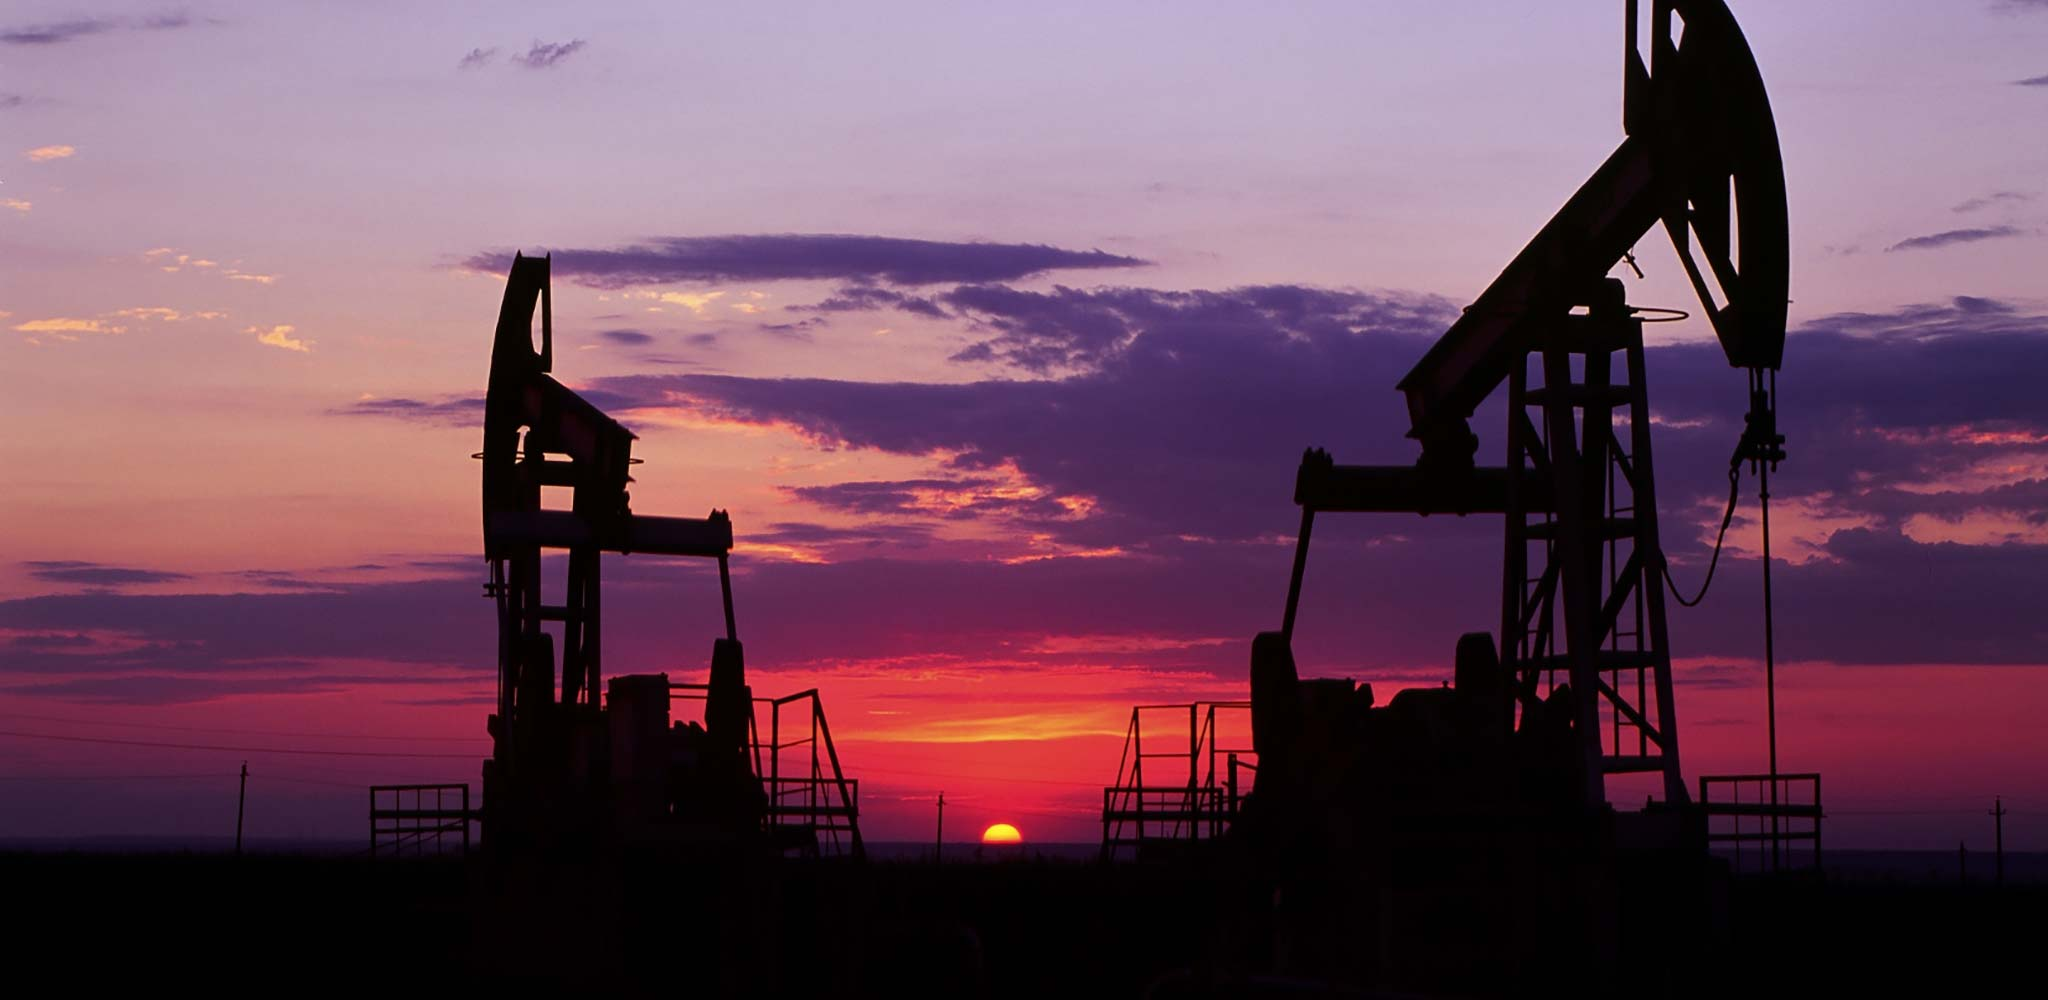 Düşük Petrol Fiyatlarının Rusya'ya Etkisi Beklendiğinin Altında